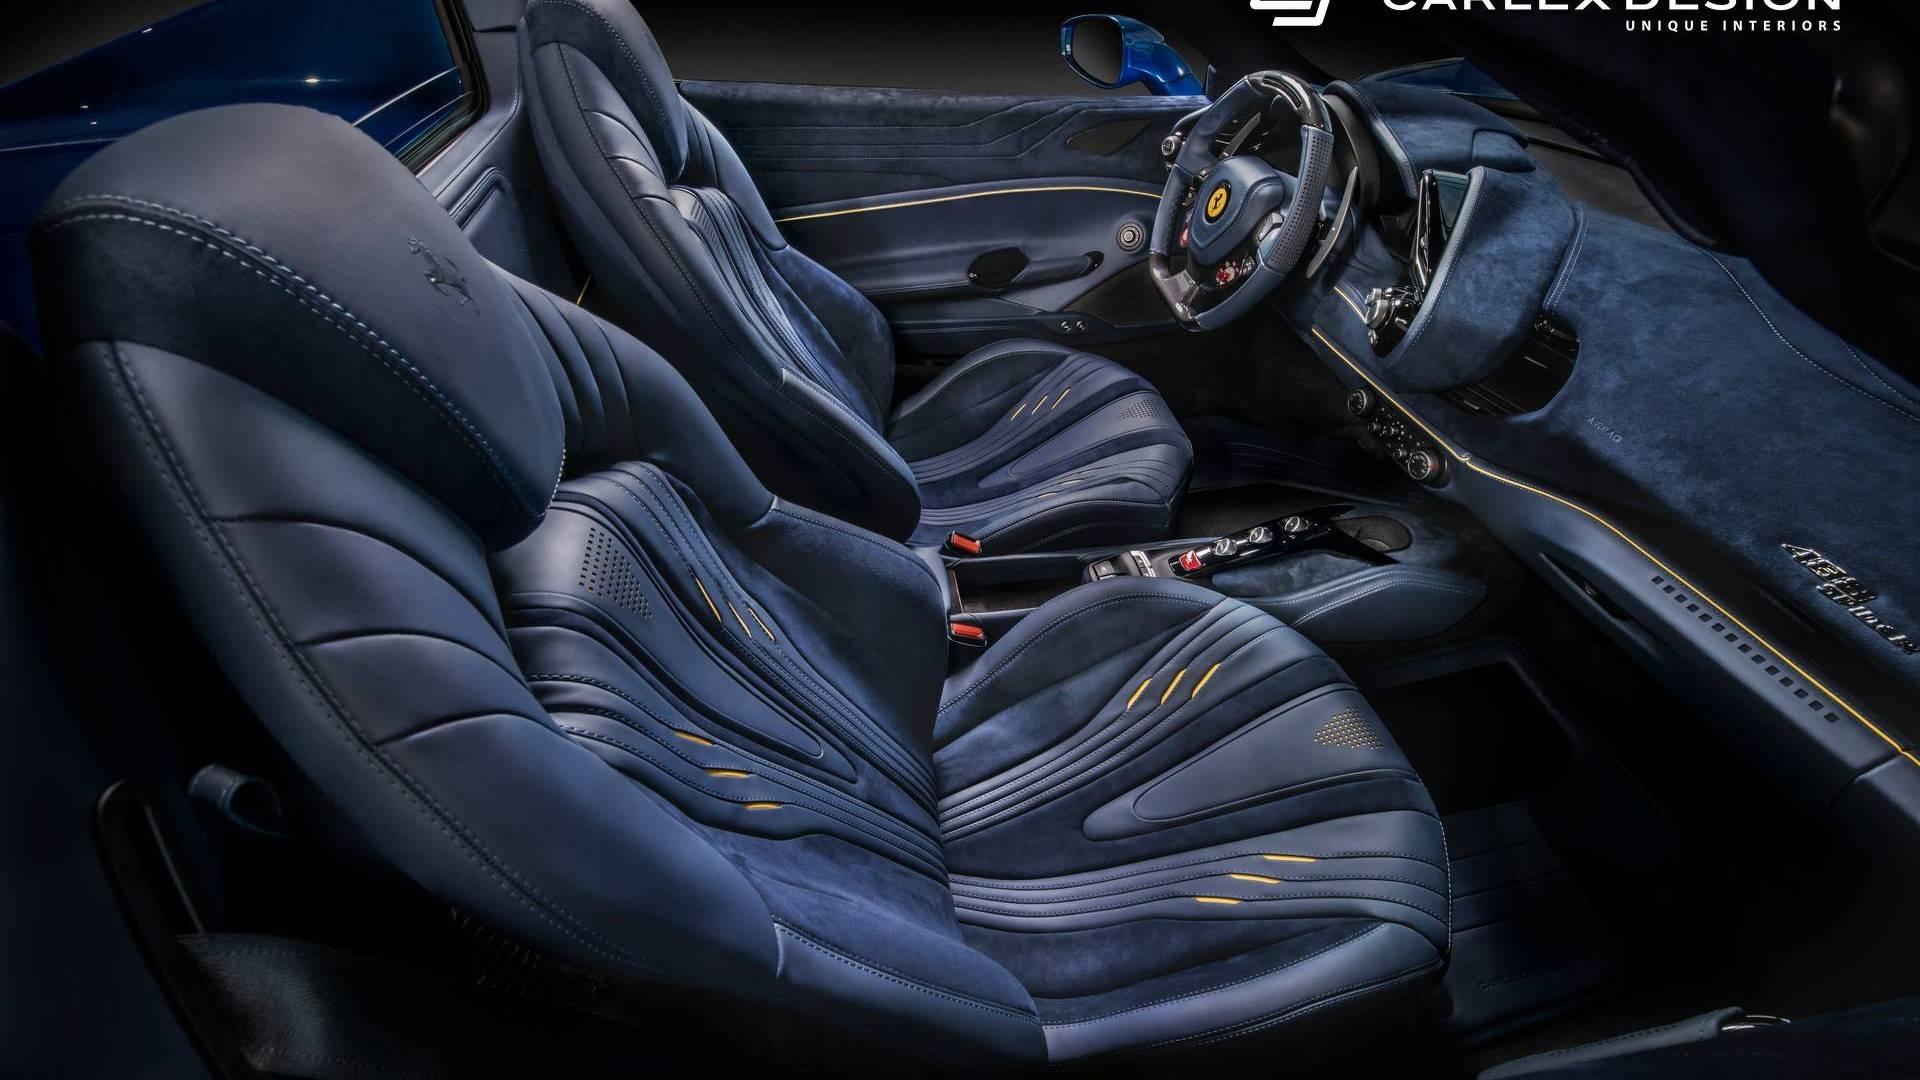 Carlex Design Nos Trae El Interior Mas Opulento Jamas Visto En Un Ferrari 488 Spider Bano De Piel Y Alcantara